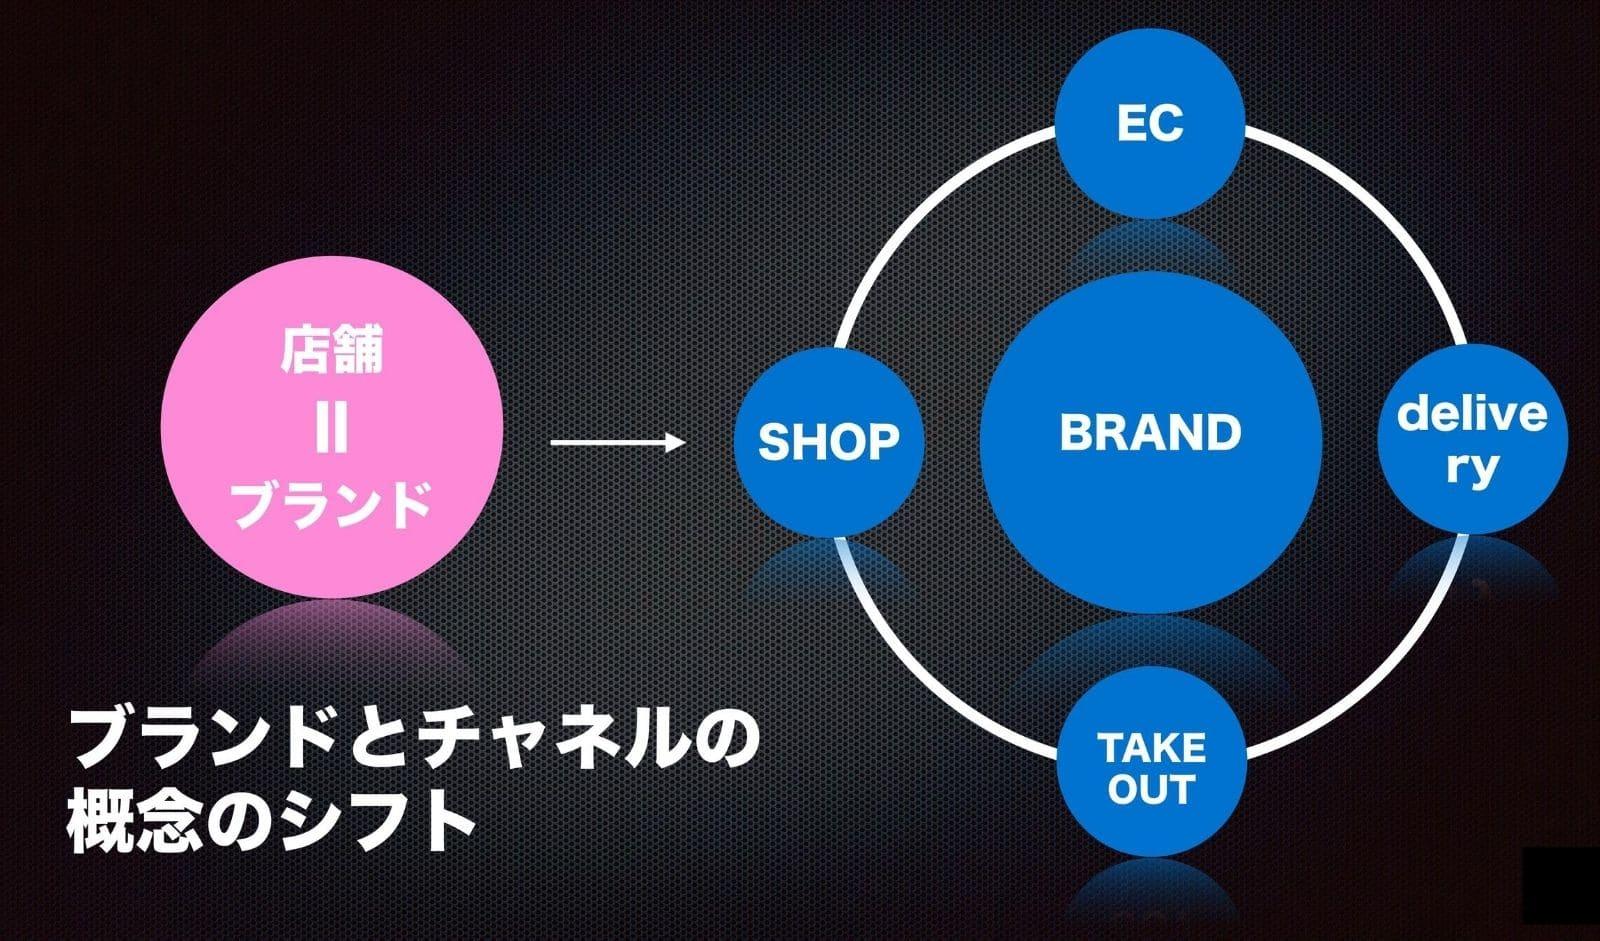 1年で大きく変わったブランドとチャネルのあり方